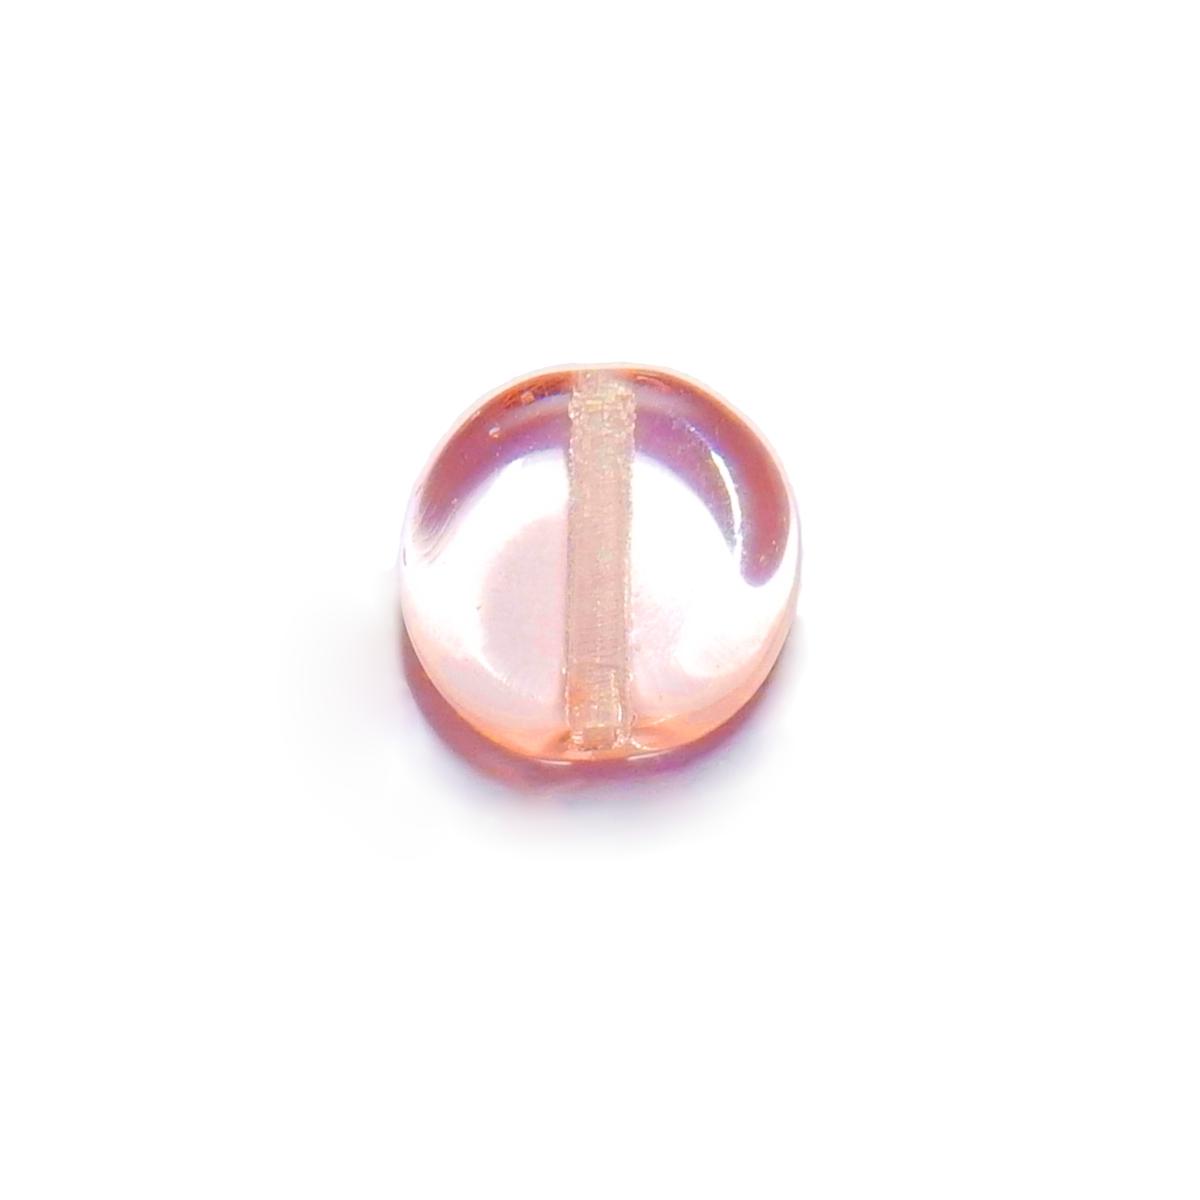 Glass Pill Shaped Bead 8x3mm - Transparent Light Pink